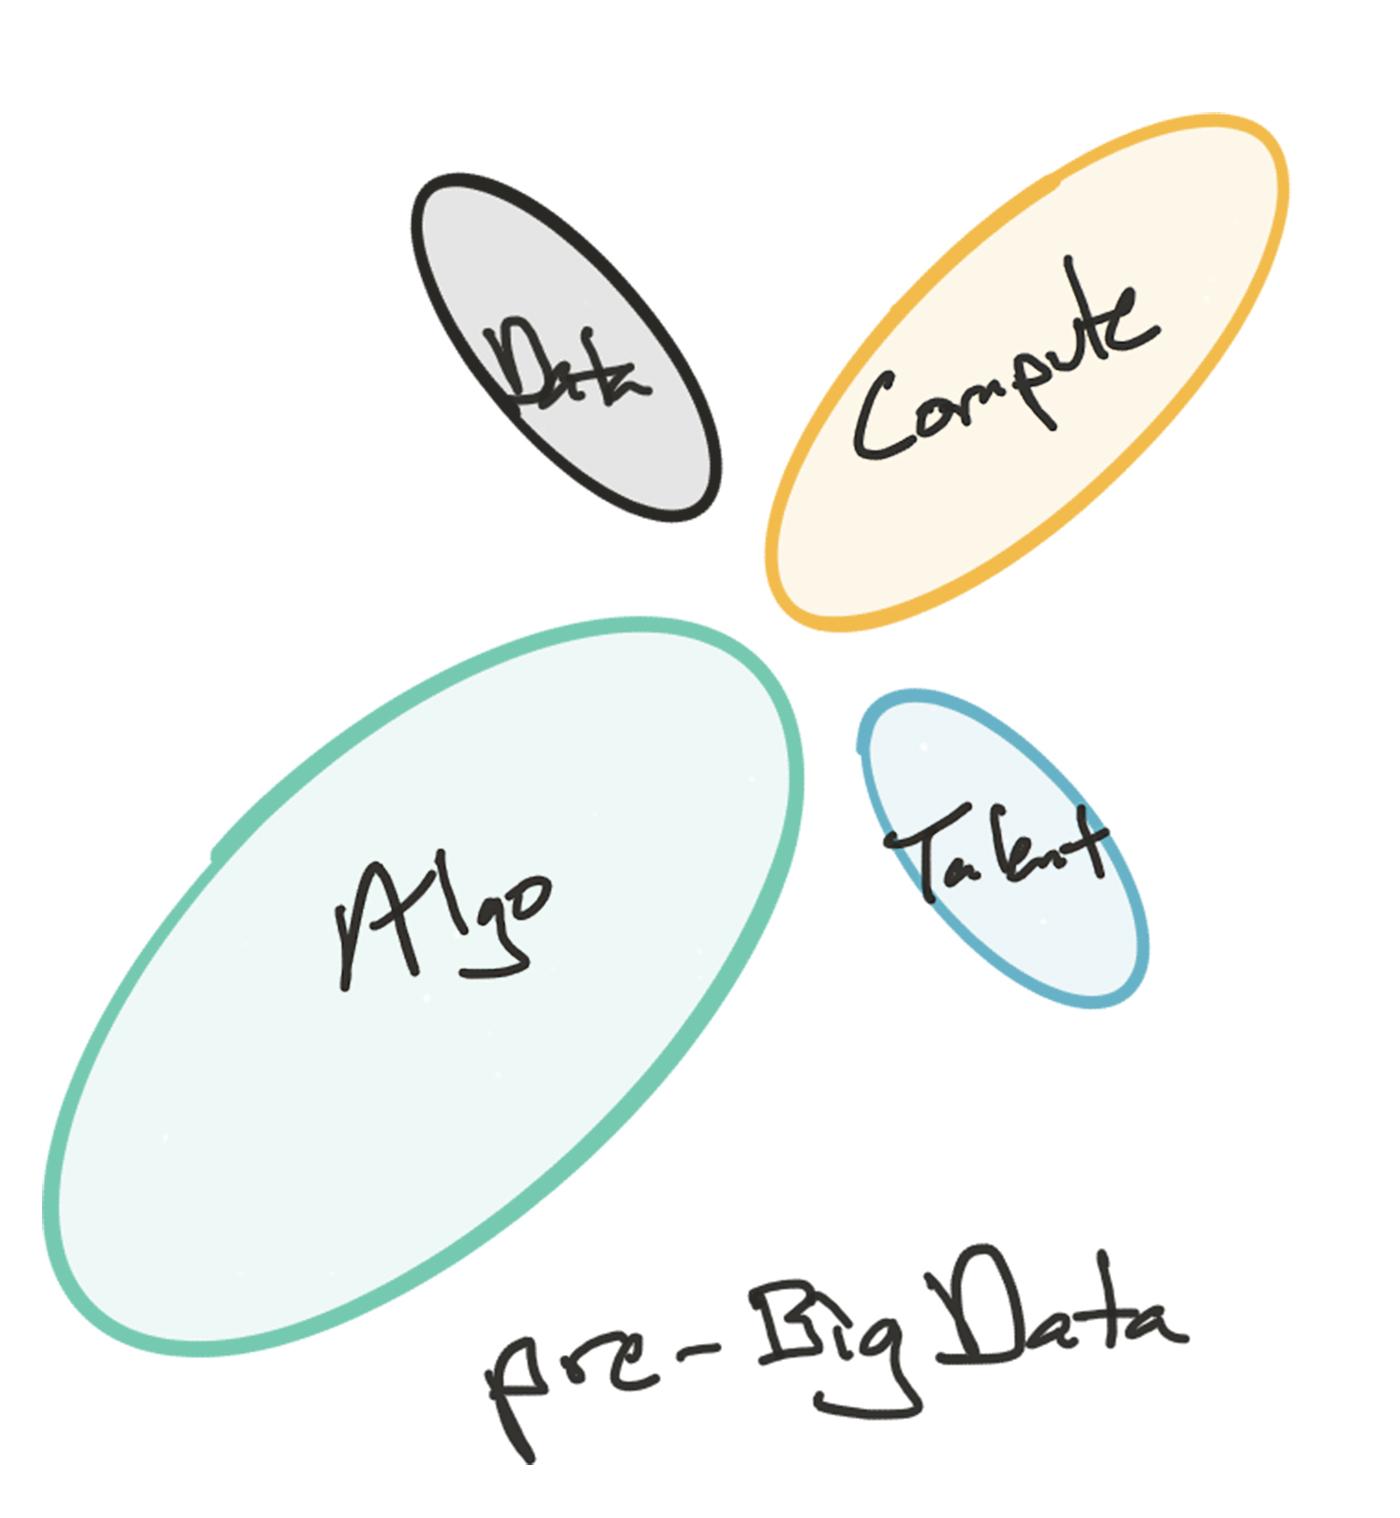 pre-big data AI